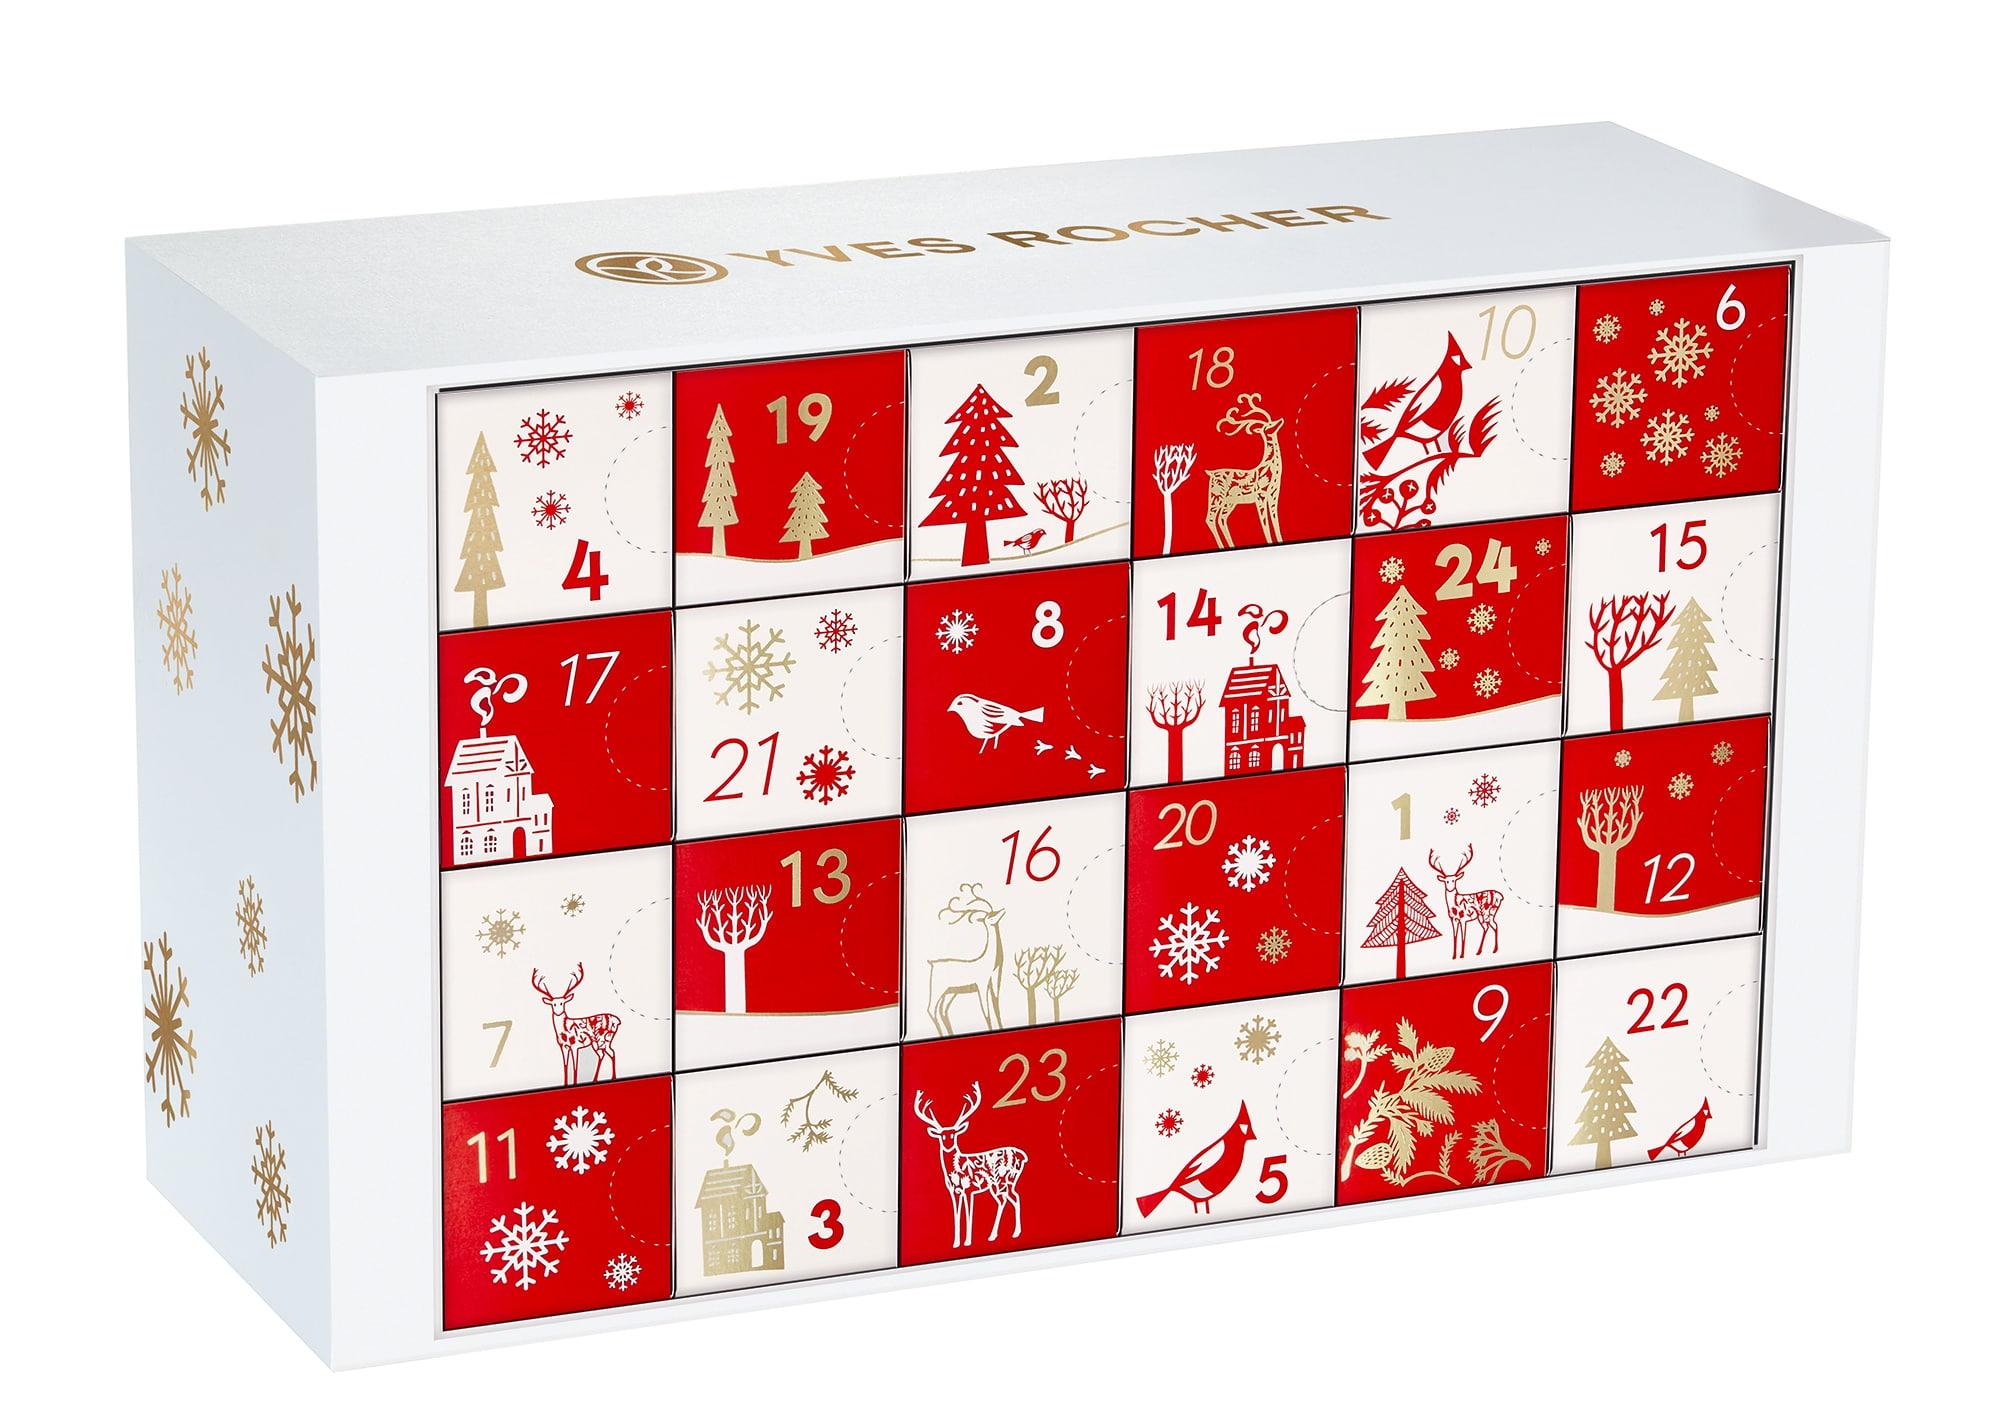 Natale Yves Rocher 2017, il calendario dell'avvento - Info, foto, prezzi